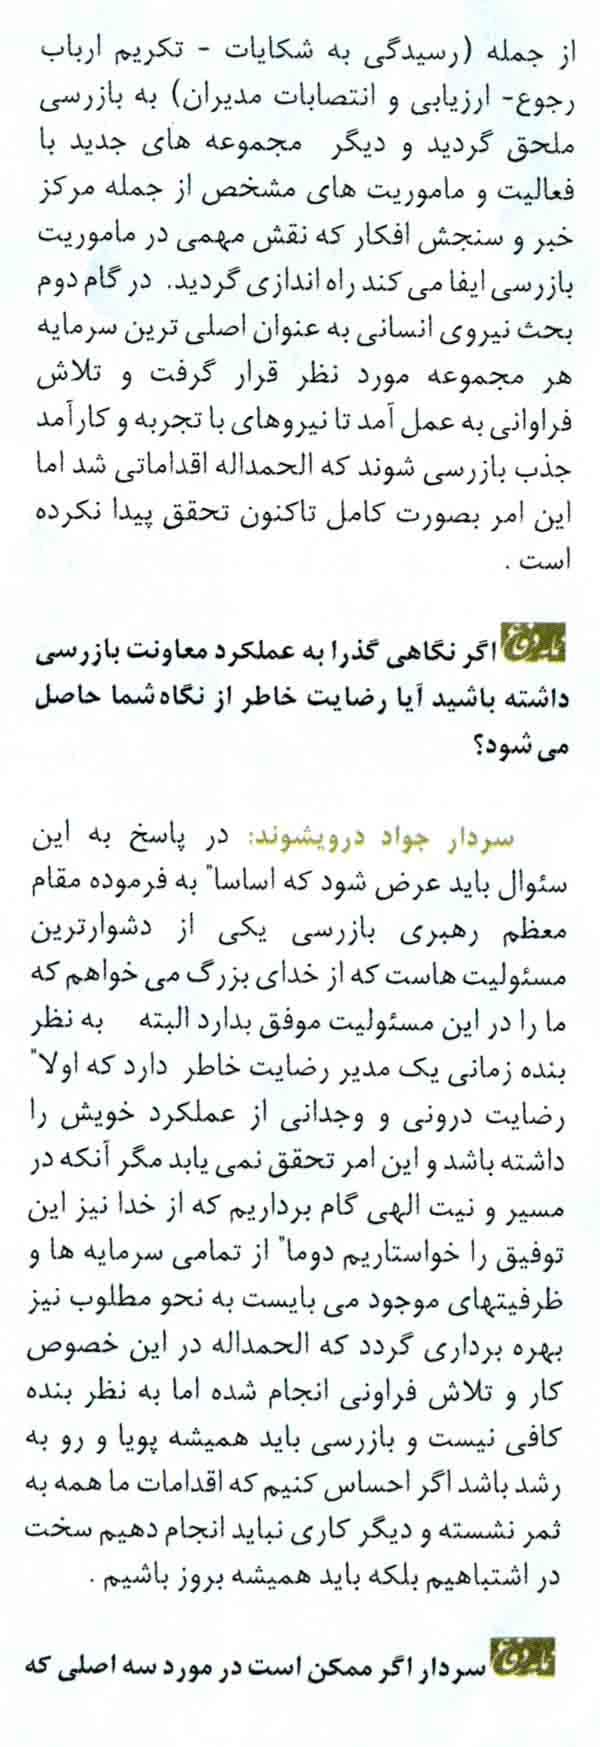 مصاحبه اختصاصی نمایه دفاع با سردار جواد درویش وند- 5